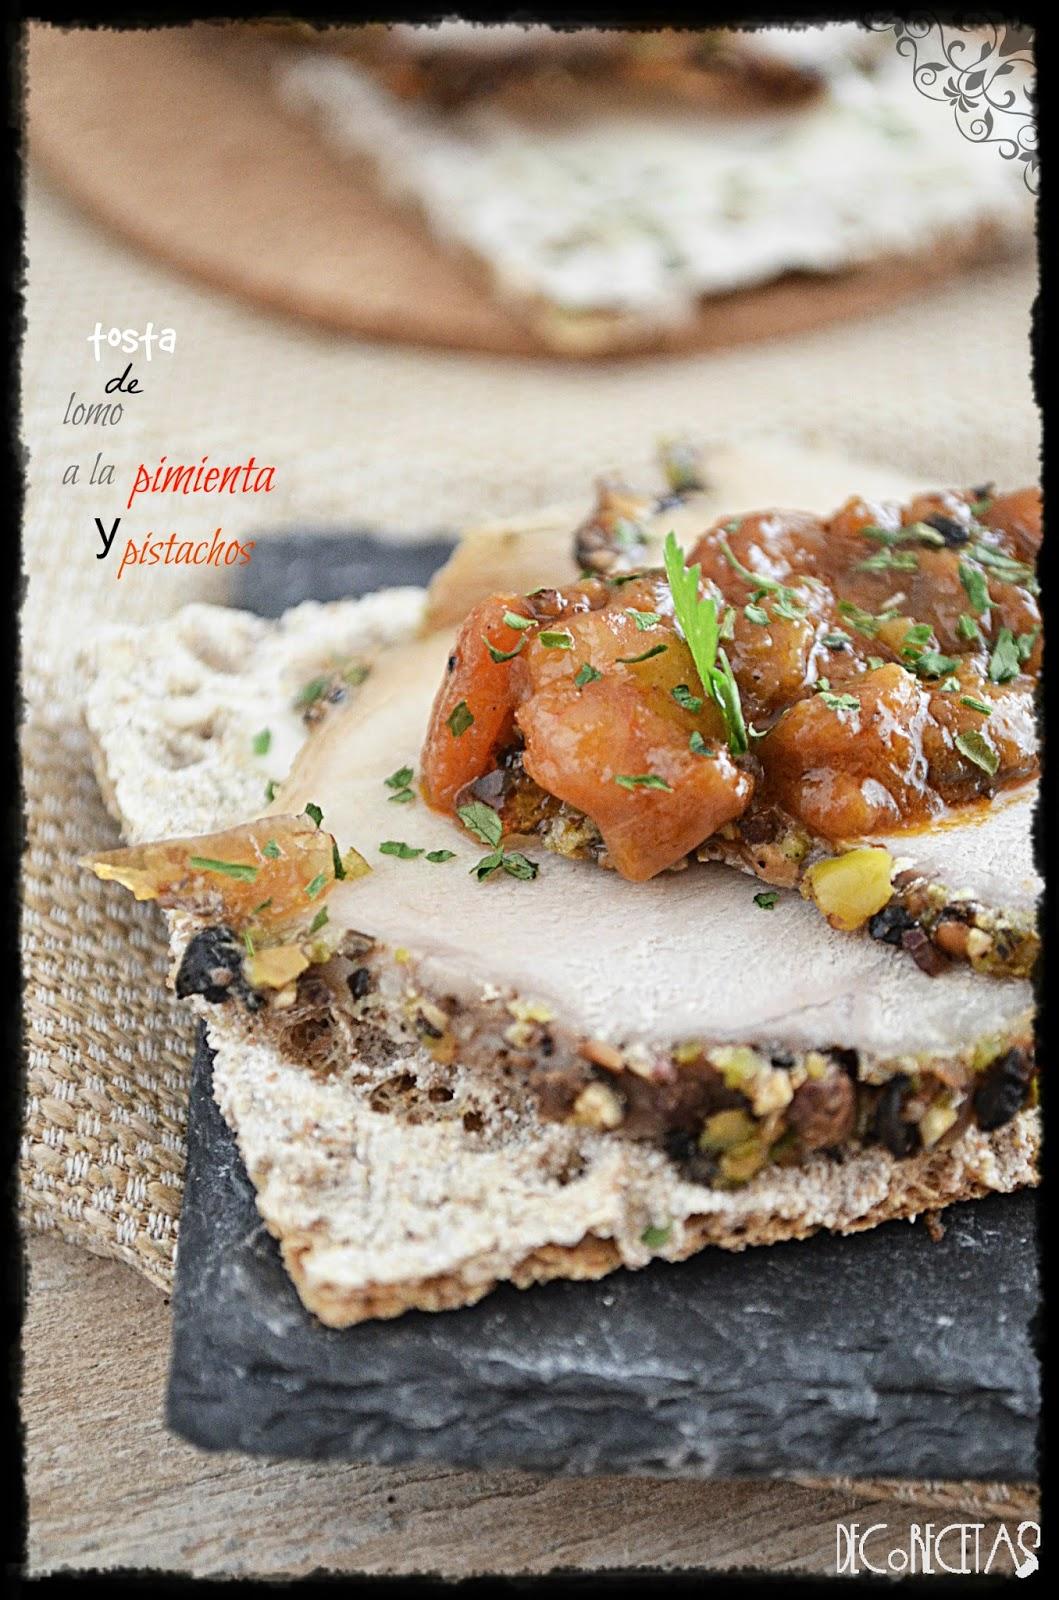 Tosta de lomo a la pimienta y pistachos